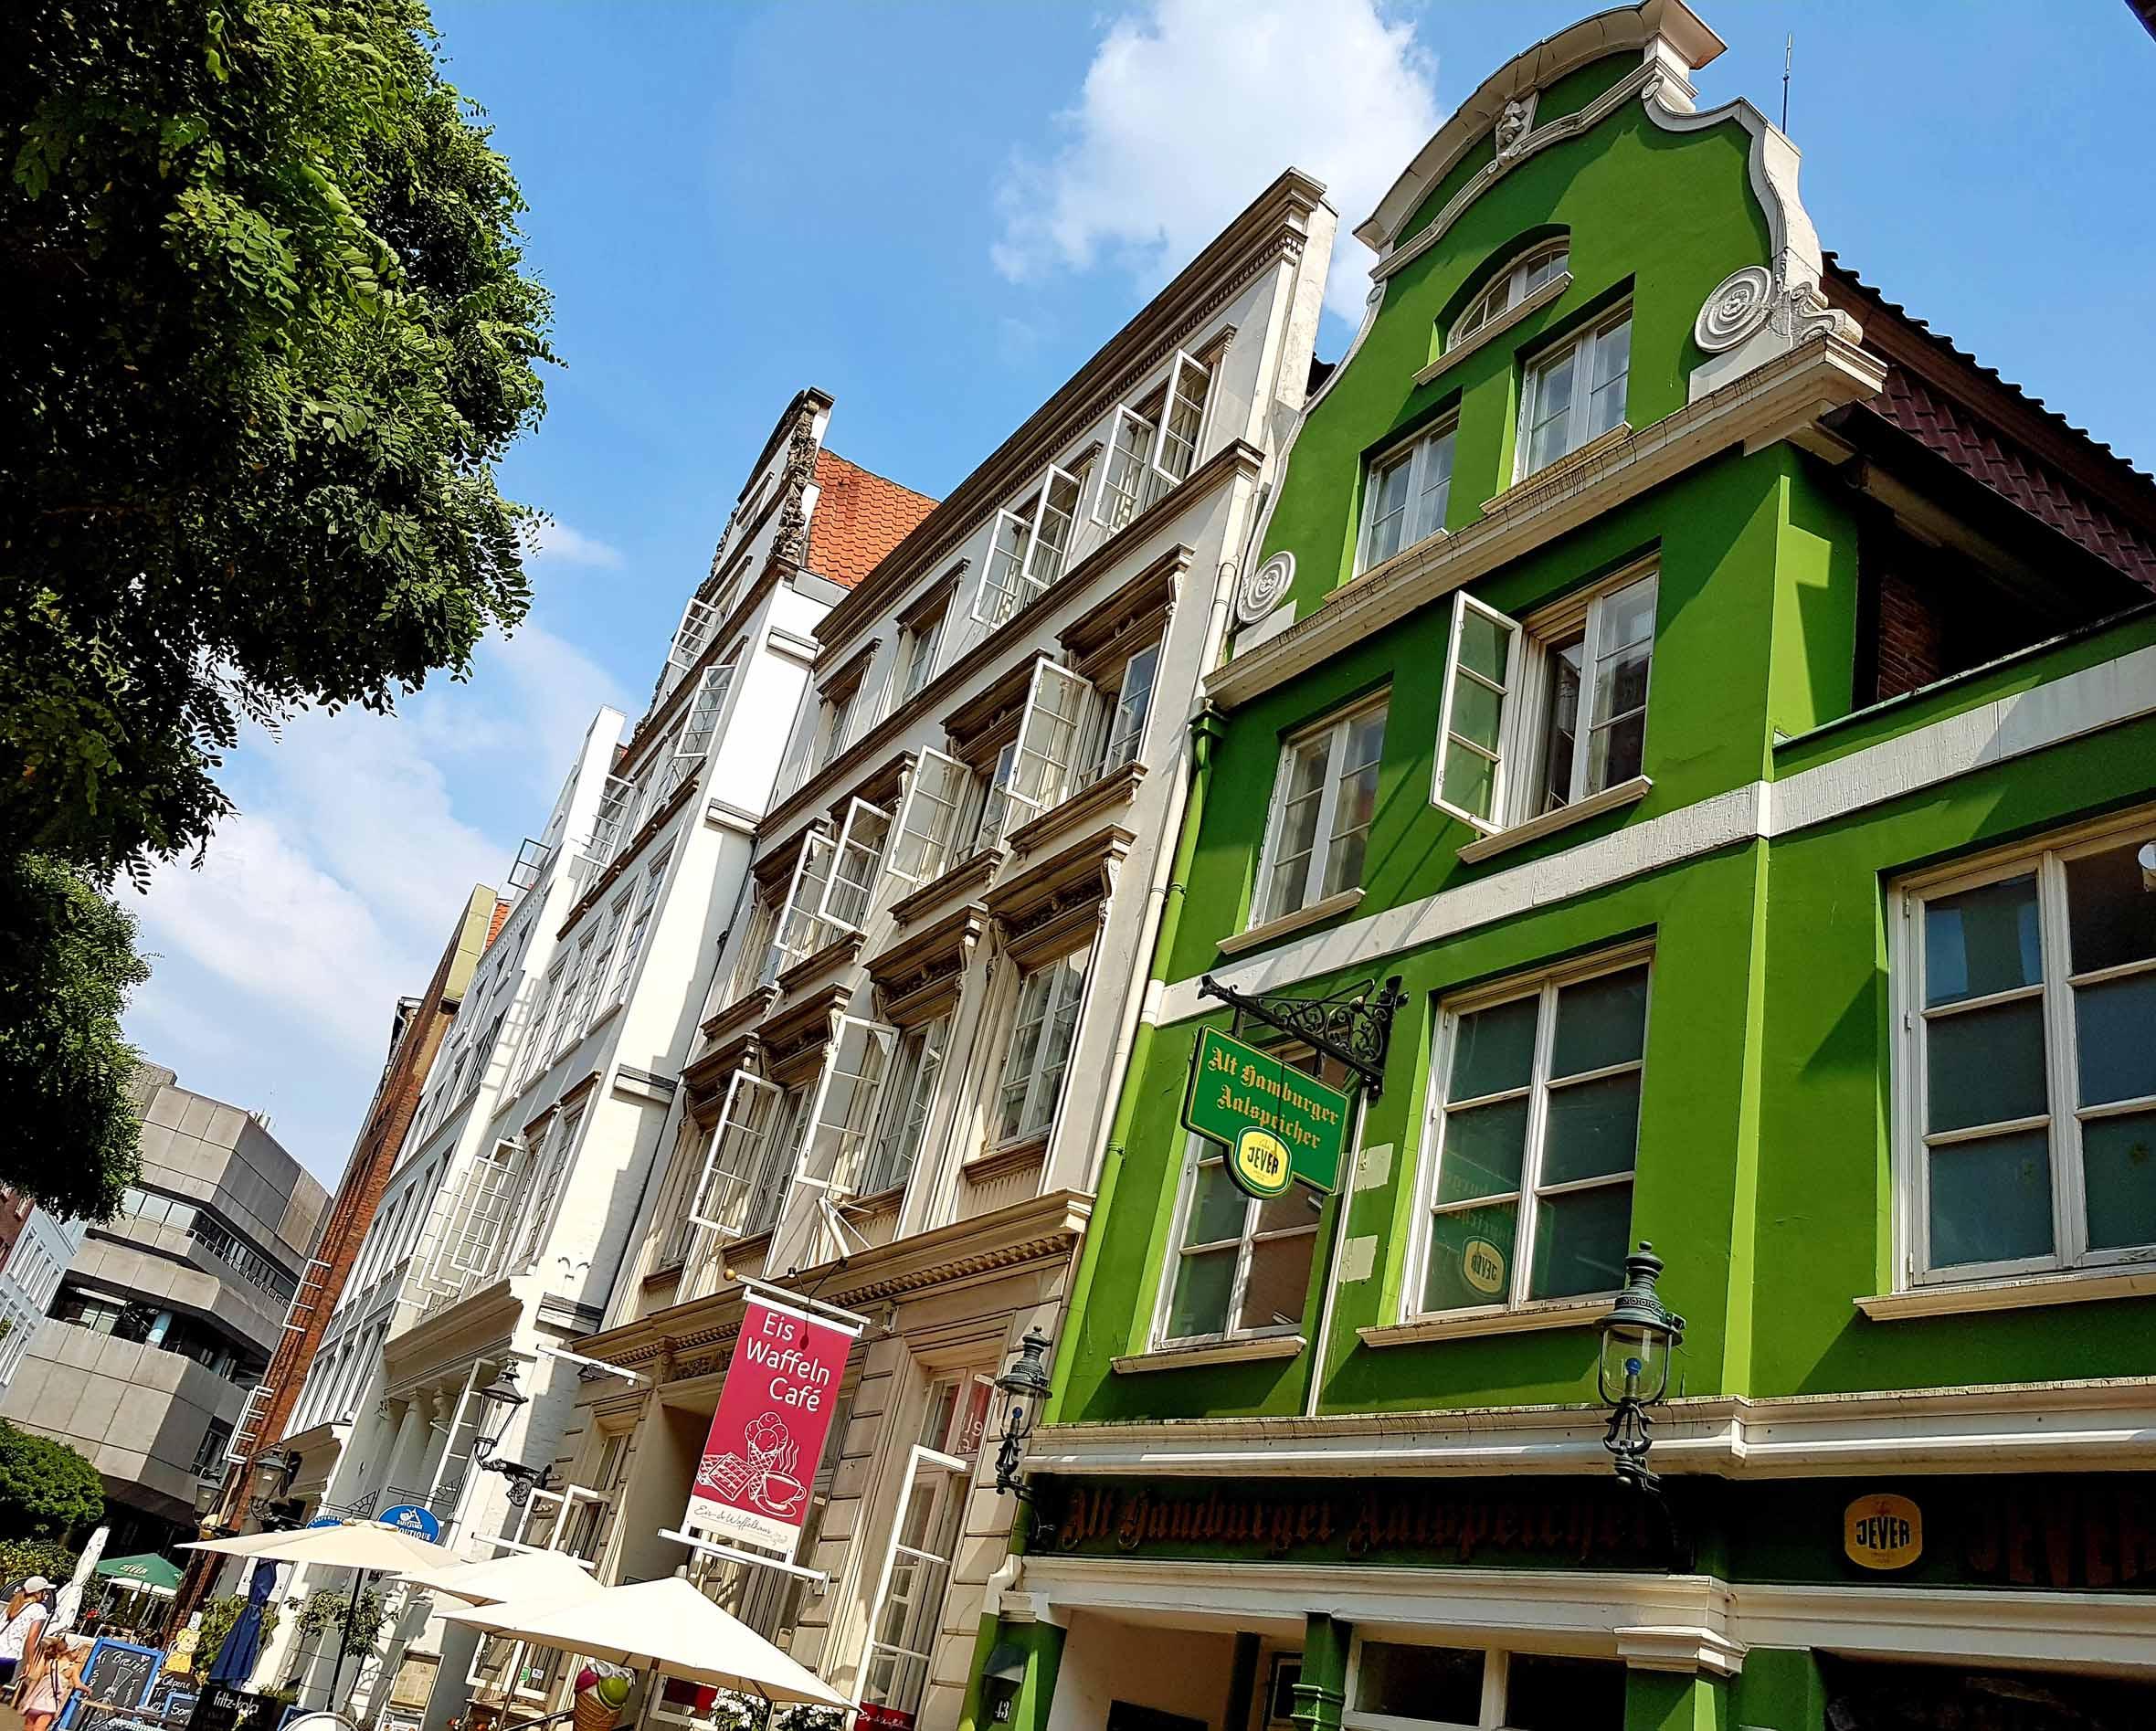 Hamburg Innenstadt grünes Haus